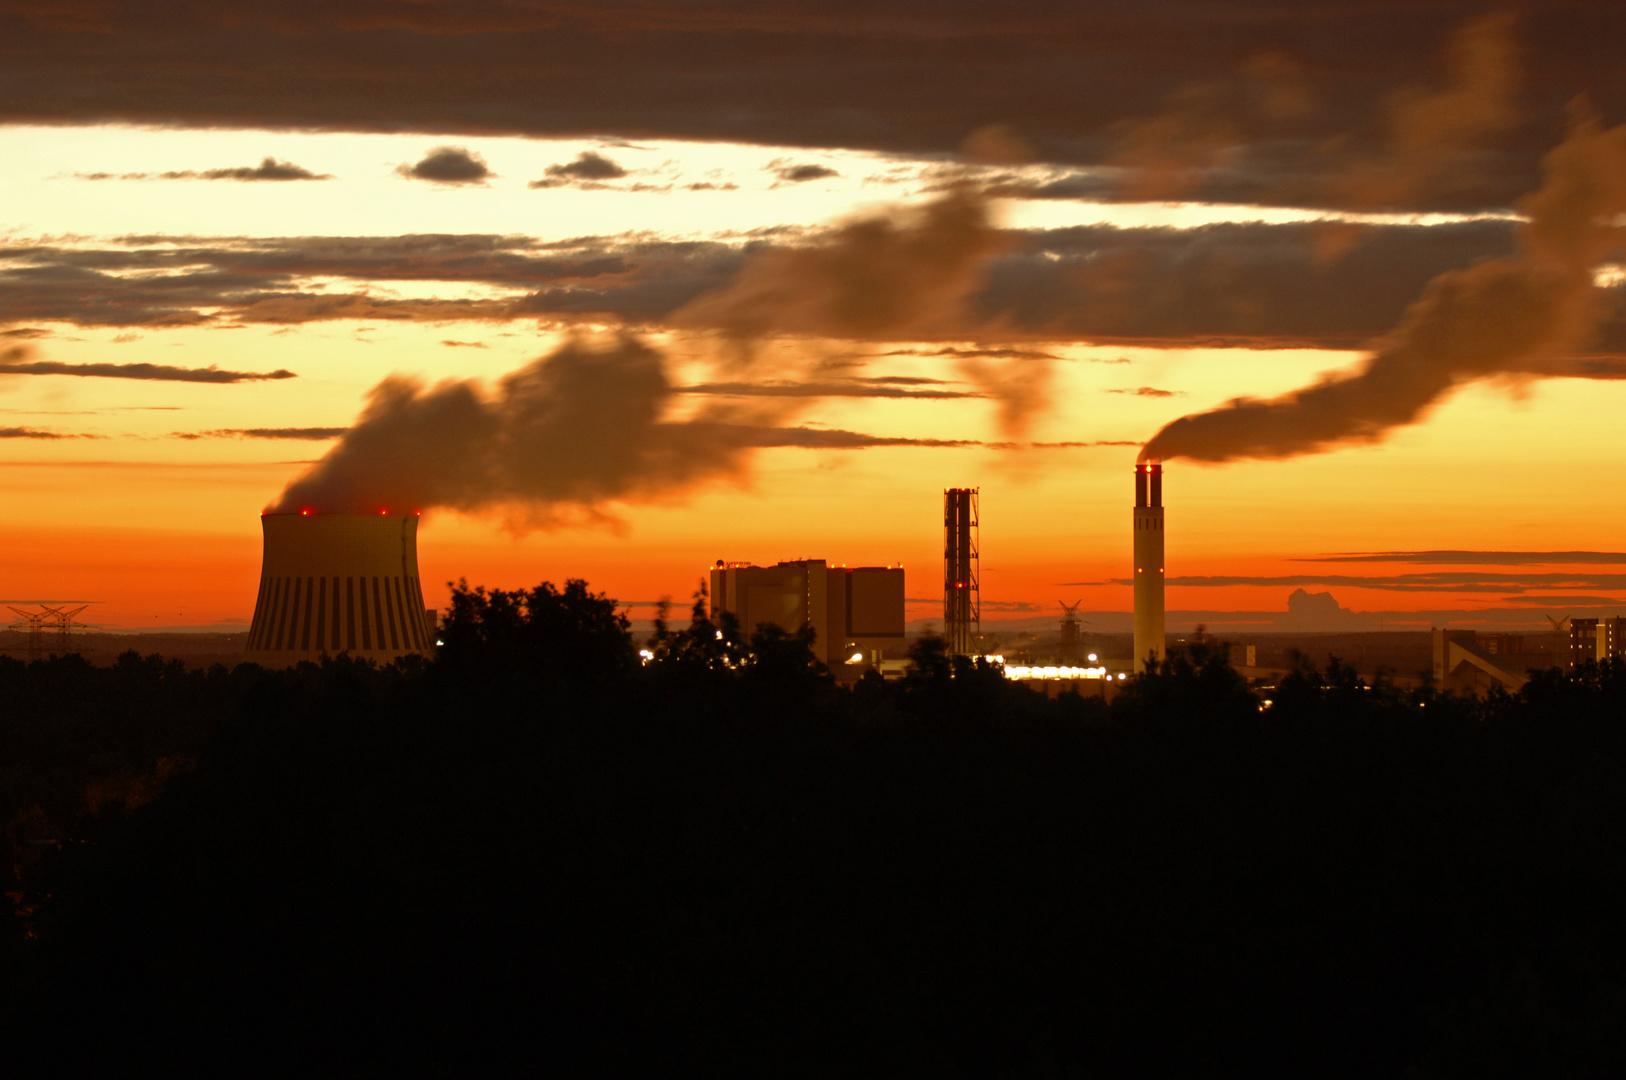 Ein neuer Tag beginnt, Sonnenaufgang über Berlin Richtung  Nordost um 3.23 Uhr